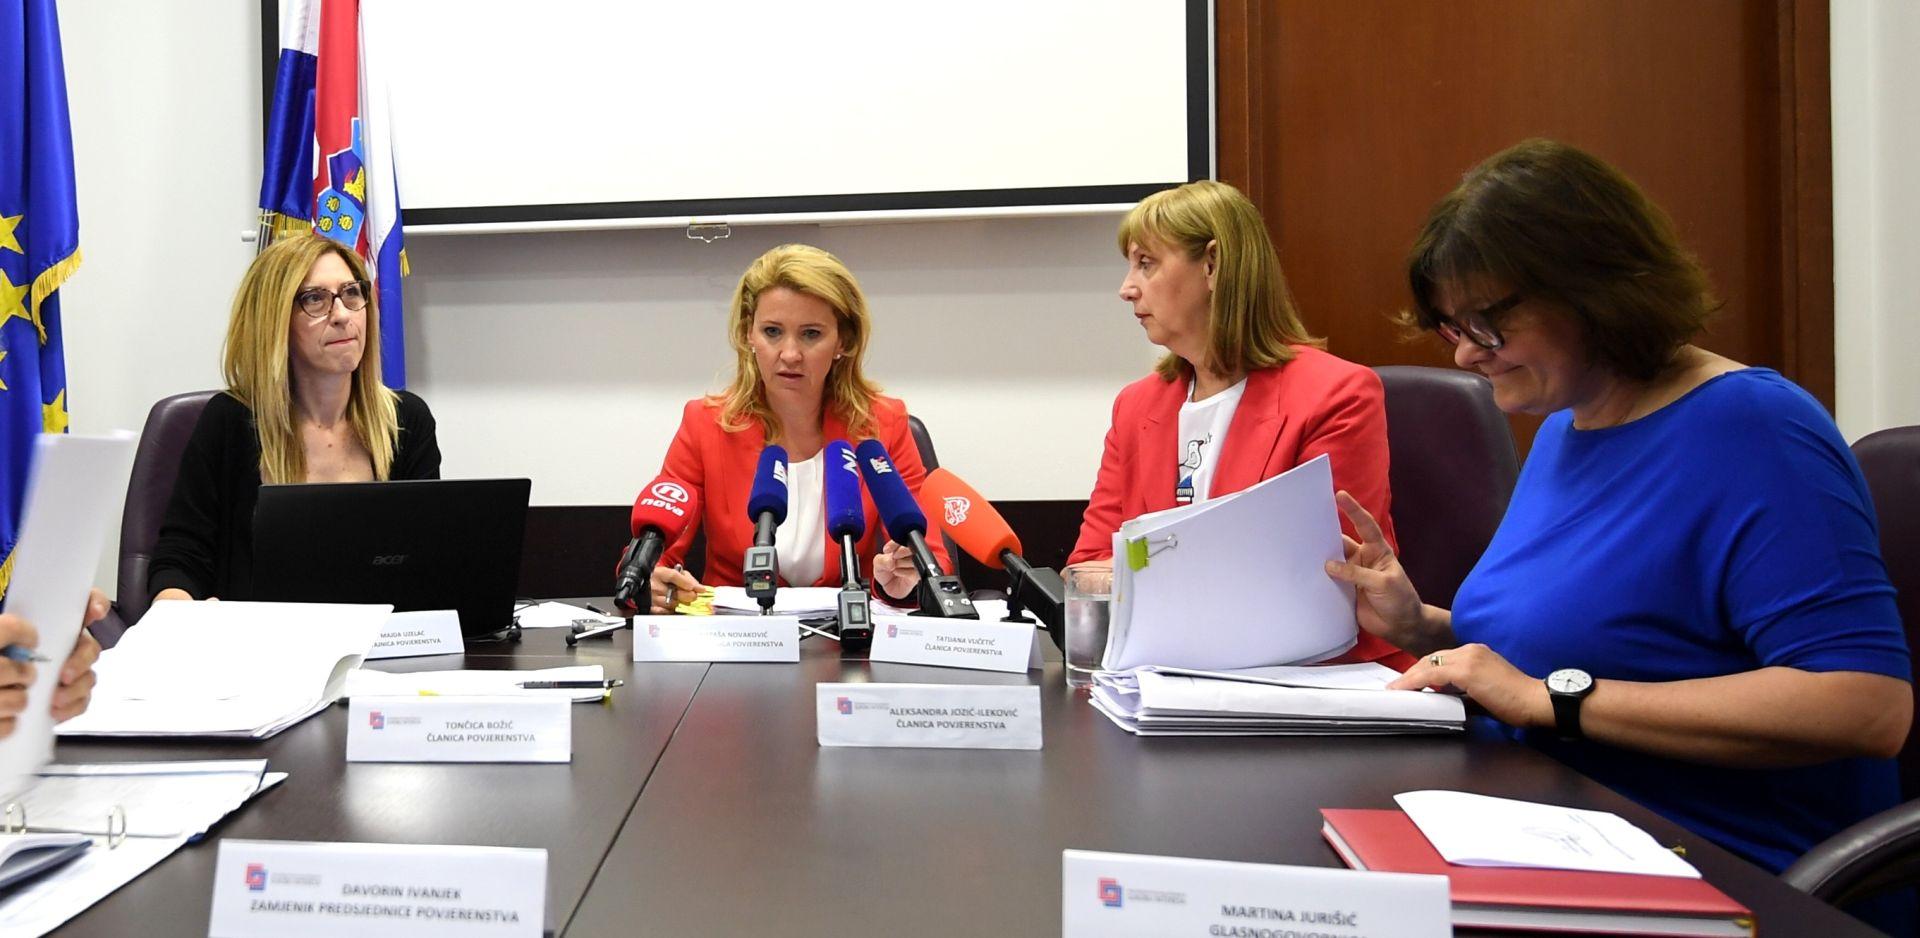 Plenković, Božinović i Petrov na obradi Povjerenstva